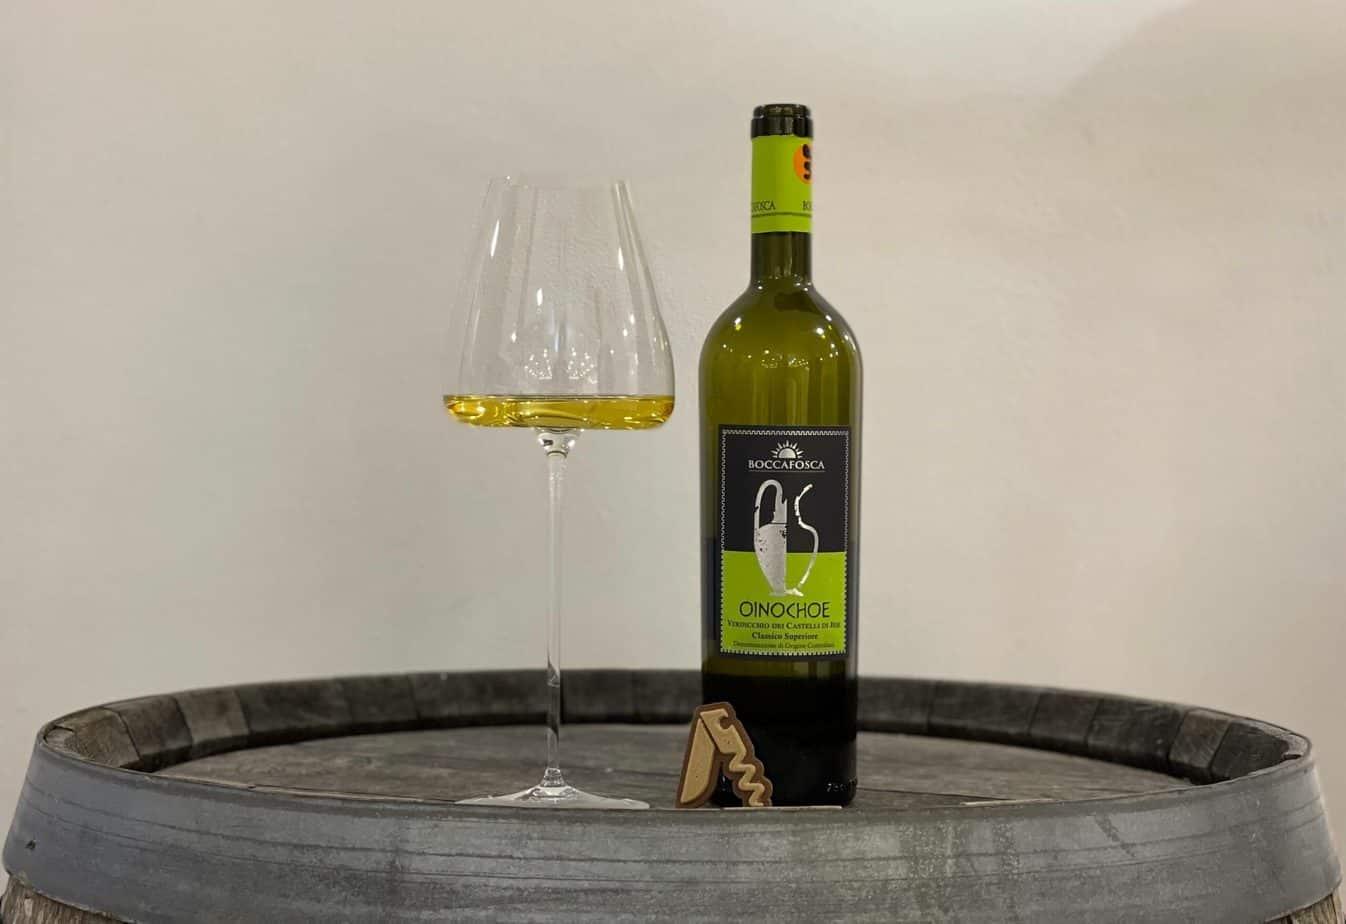 """Boccafosca - Verdicchio dei Castelli di Jesi Classico Superiore """"Oinochoe"""", 2017"""